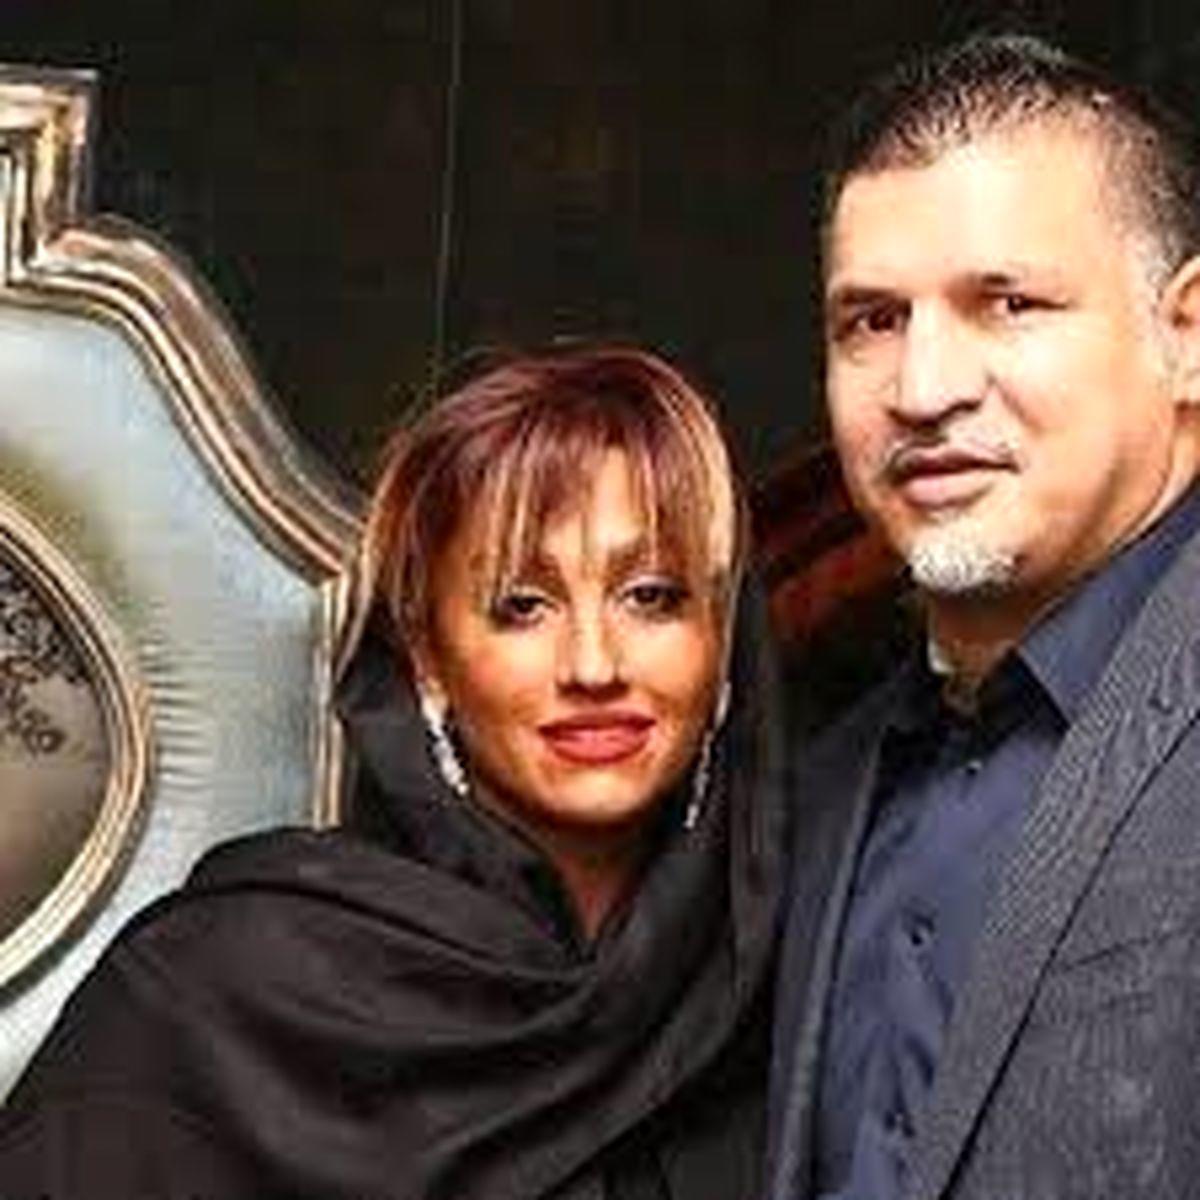 علی دایی سارق گردنبندش را دادگاهی کرد + عکس و فیلم